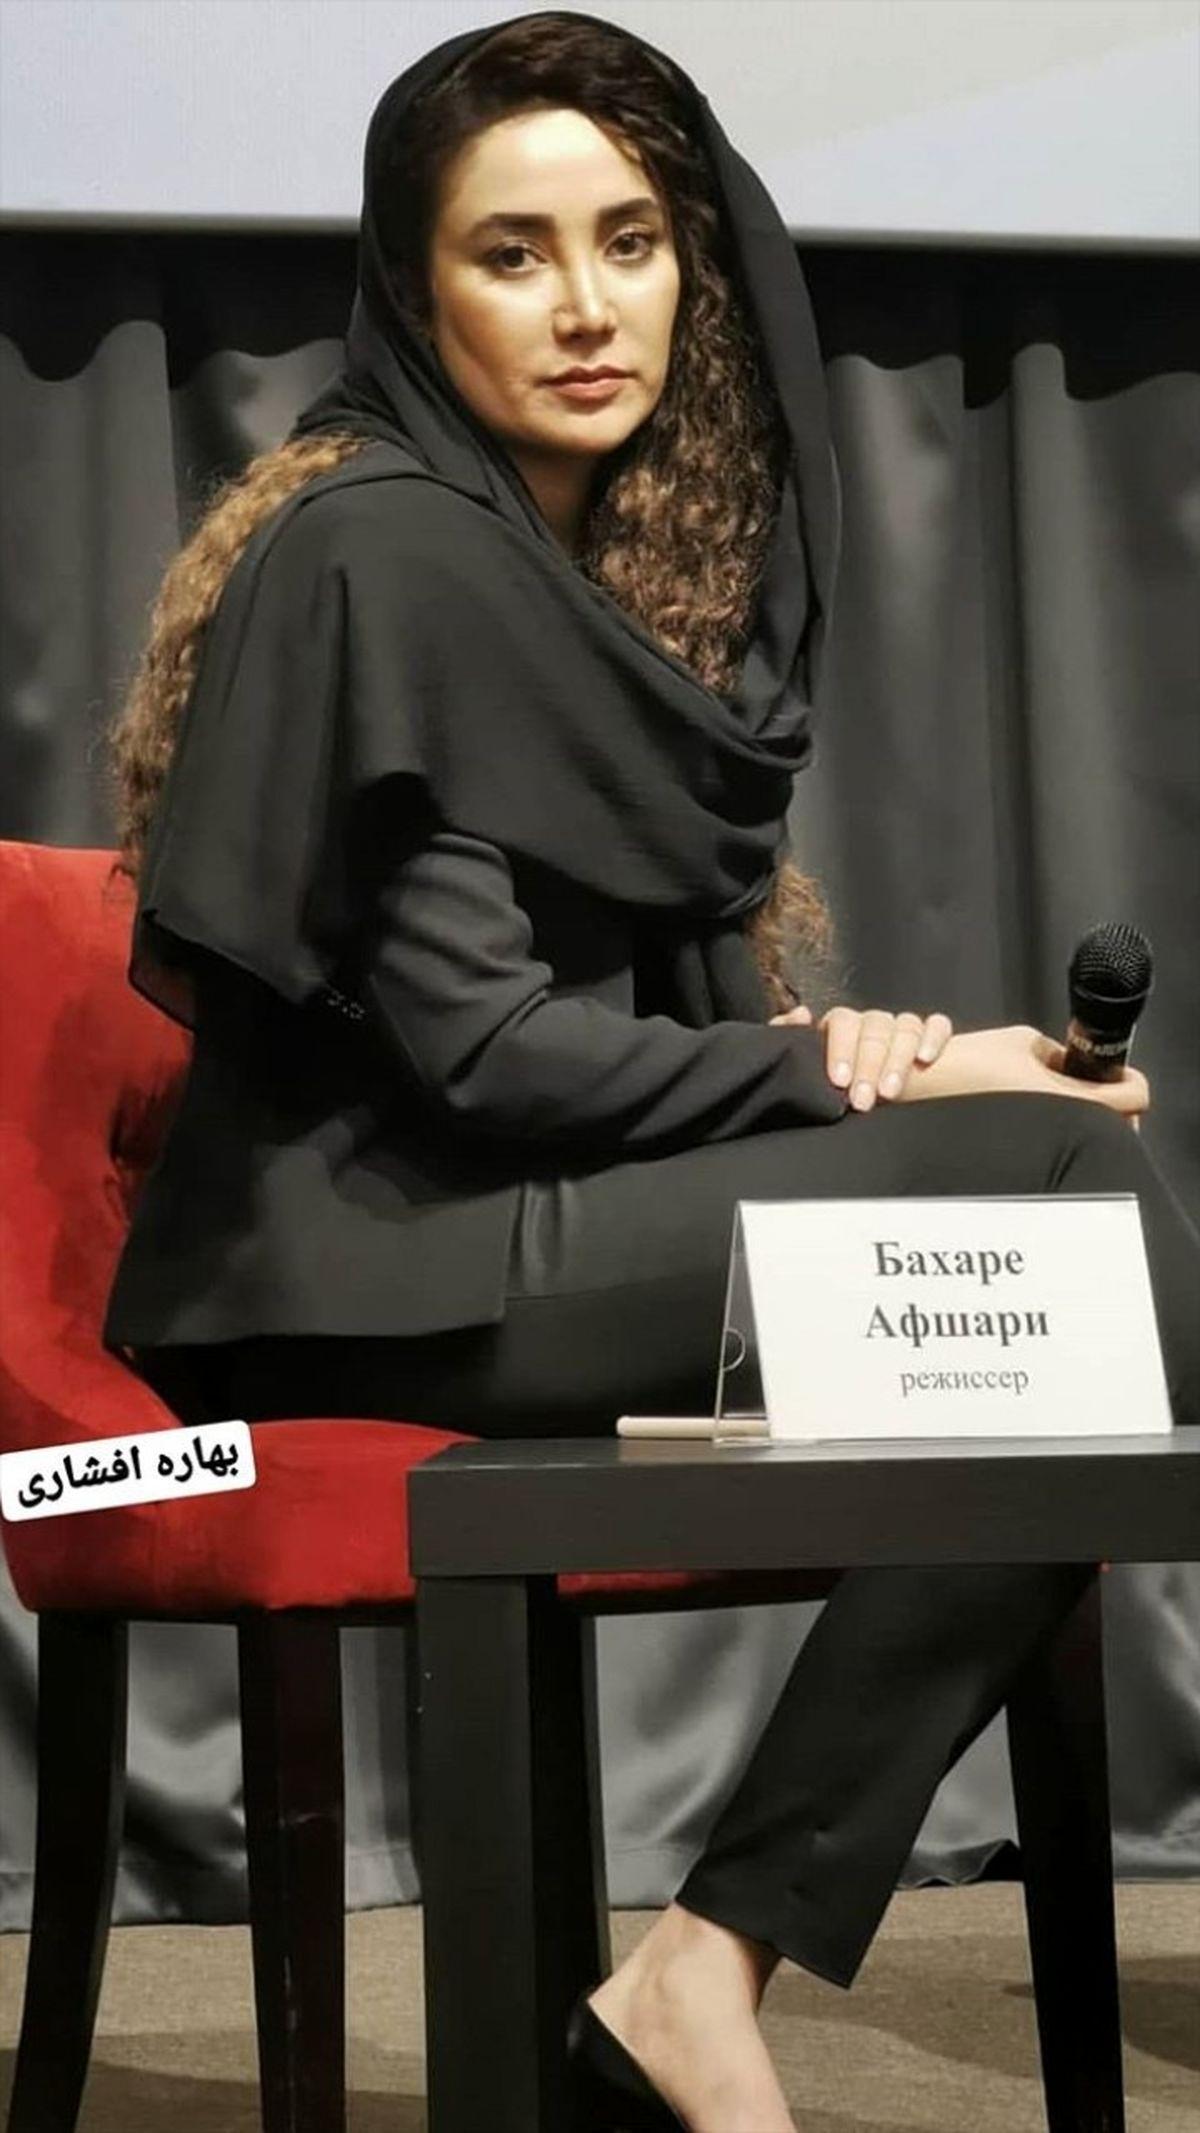 سلفی آسانسوری بهاره افشاری